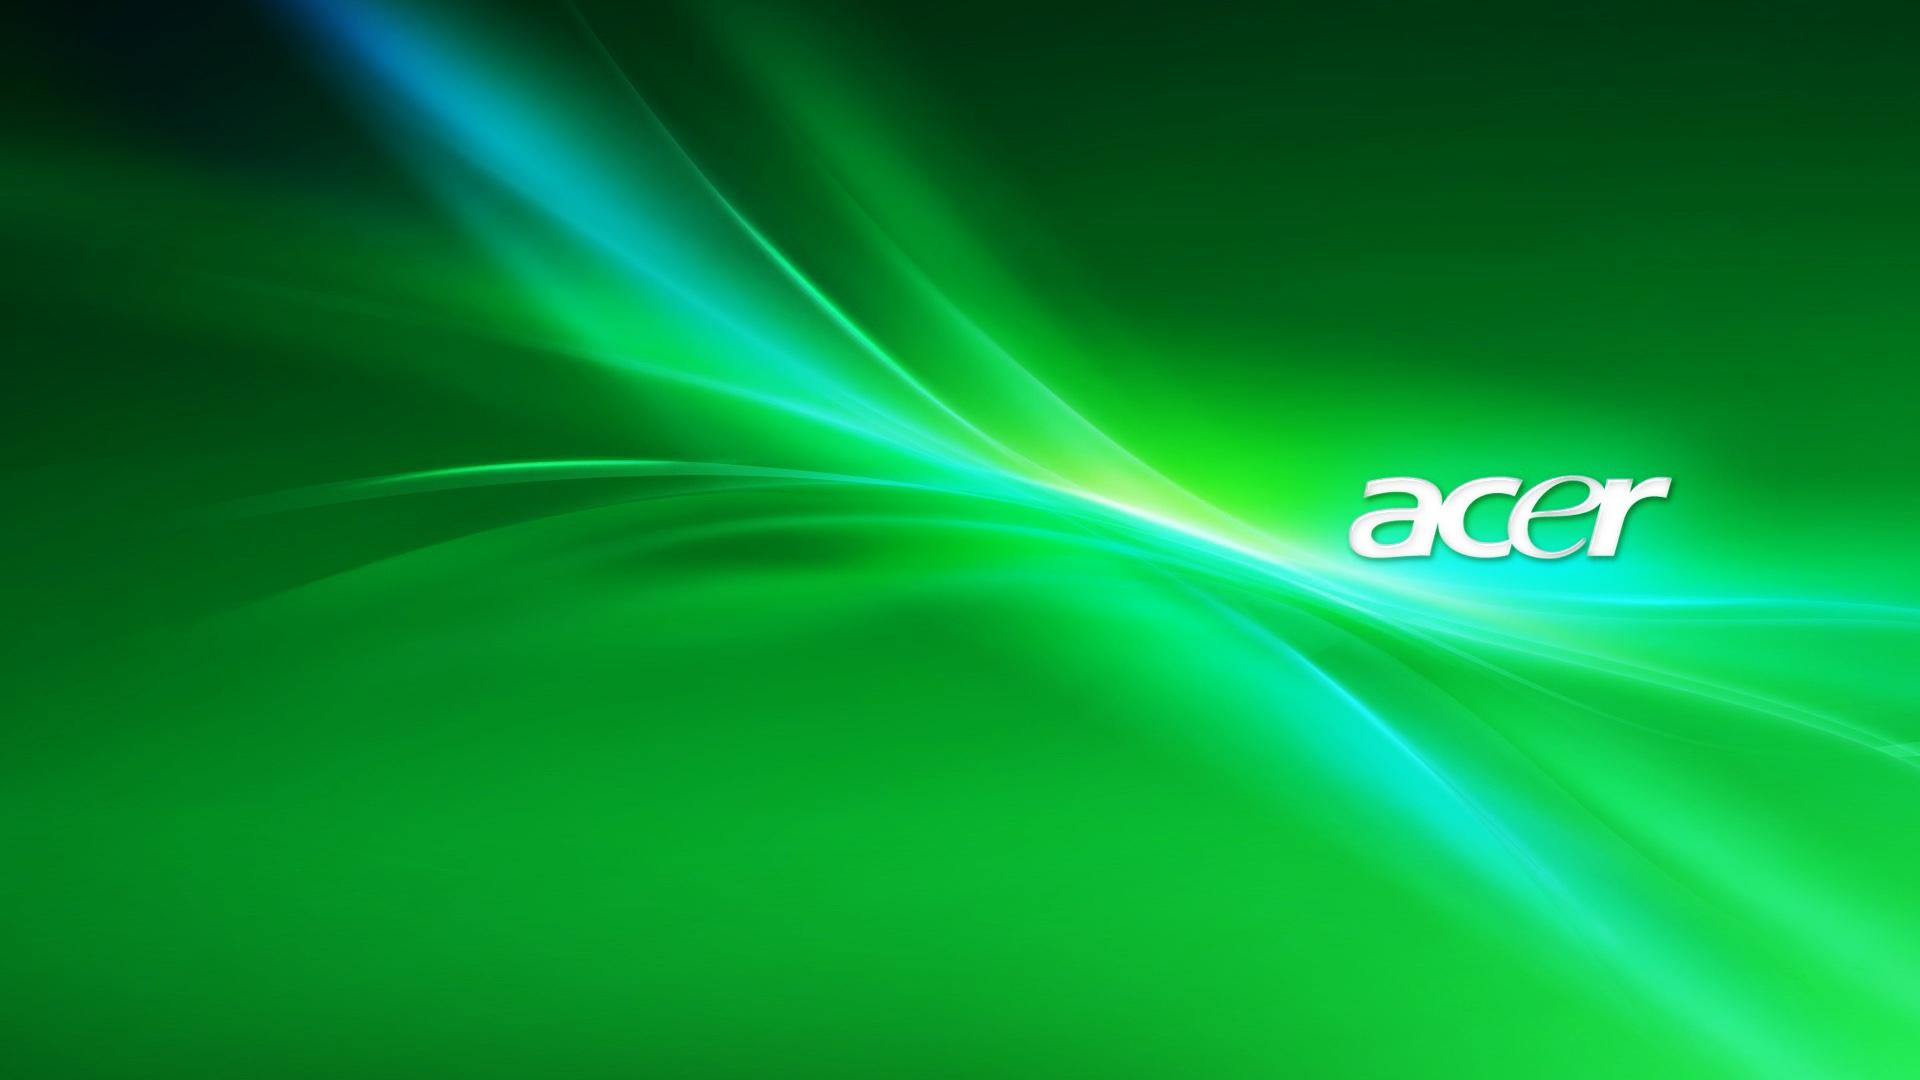 Acer Wallpaper For Windows 10